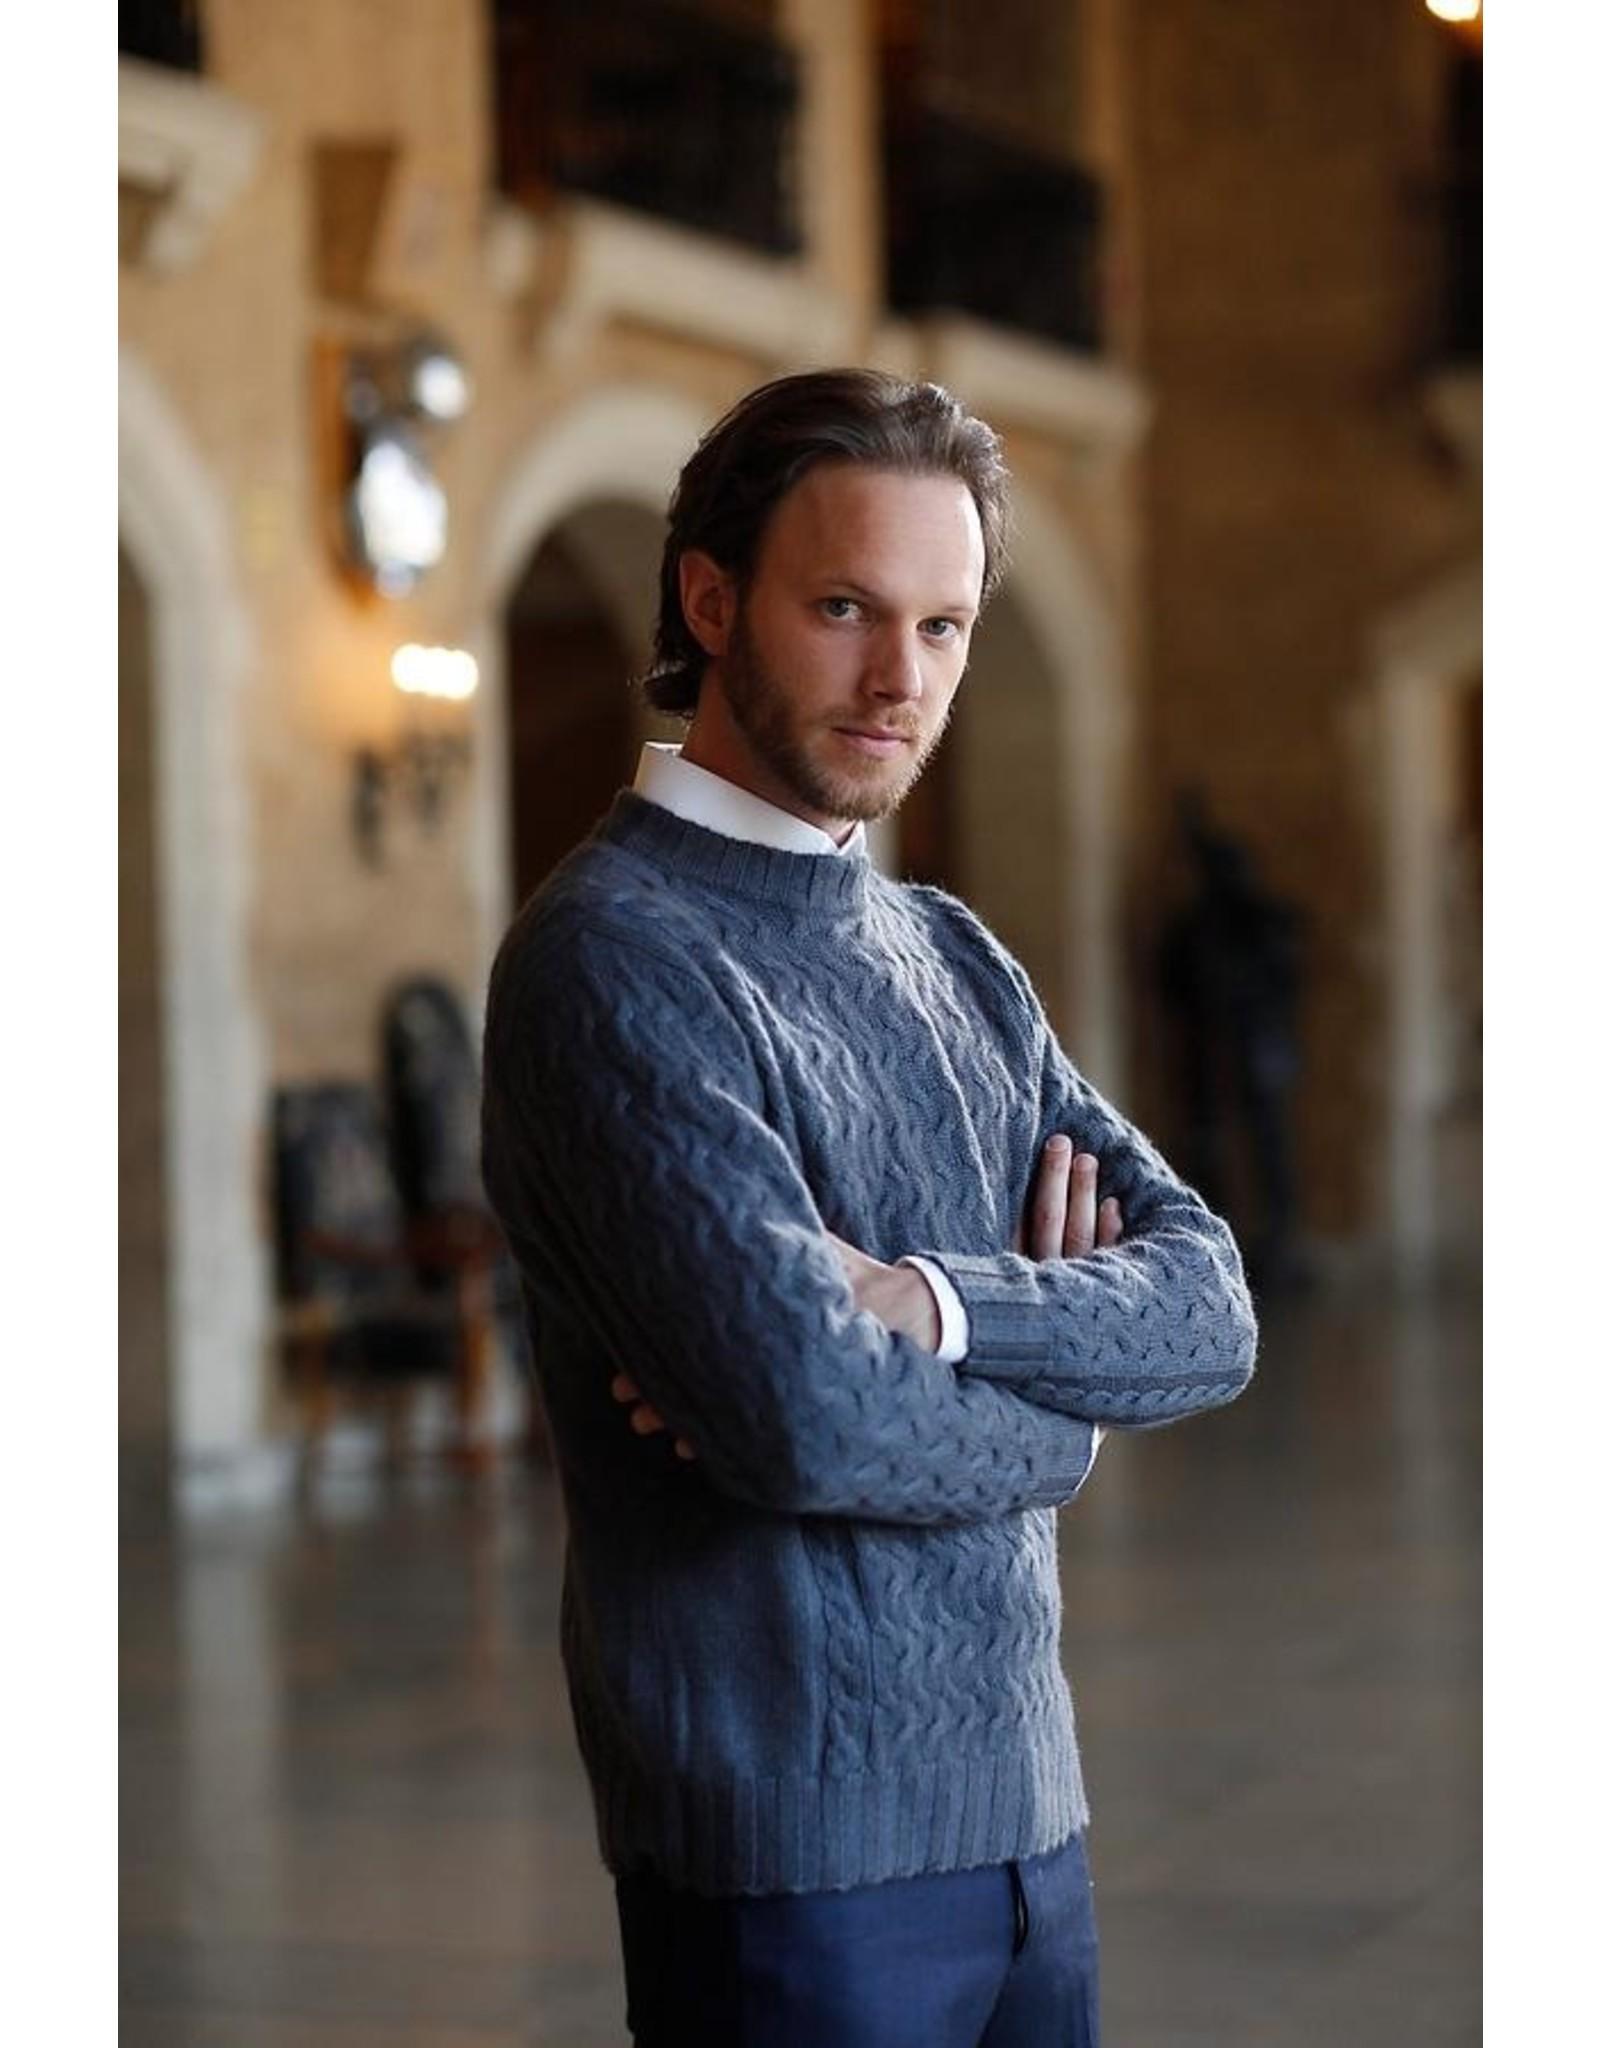 Fantasia Men's Sweater - 45% Qiviuk 45% Merino 10% Silk